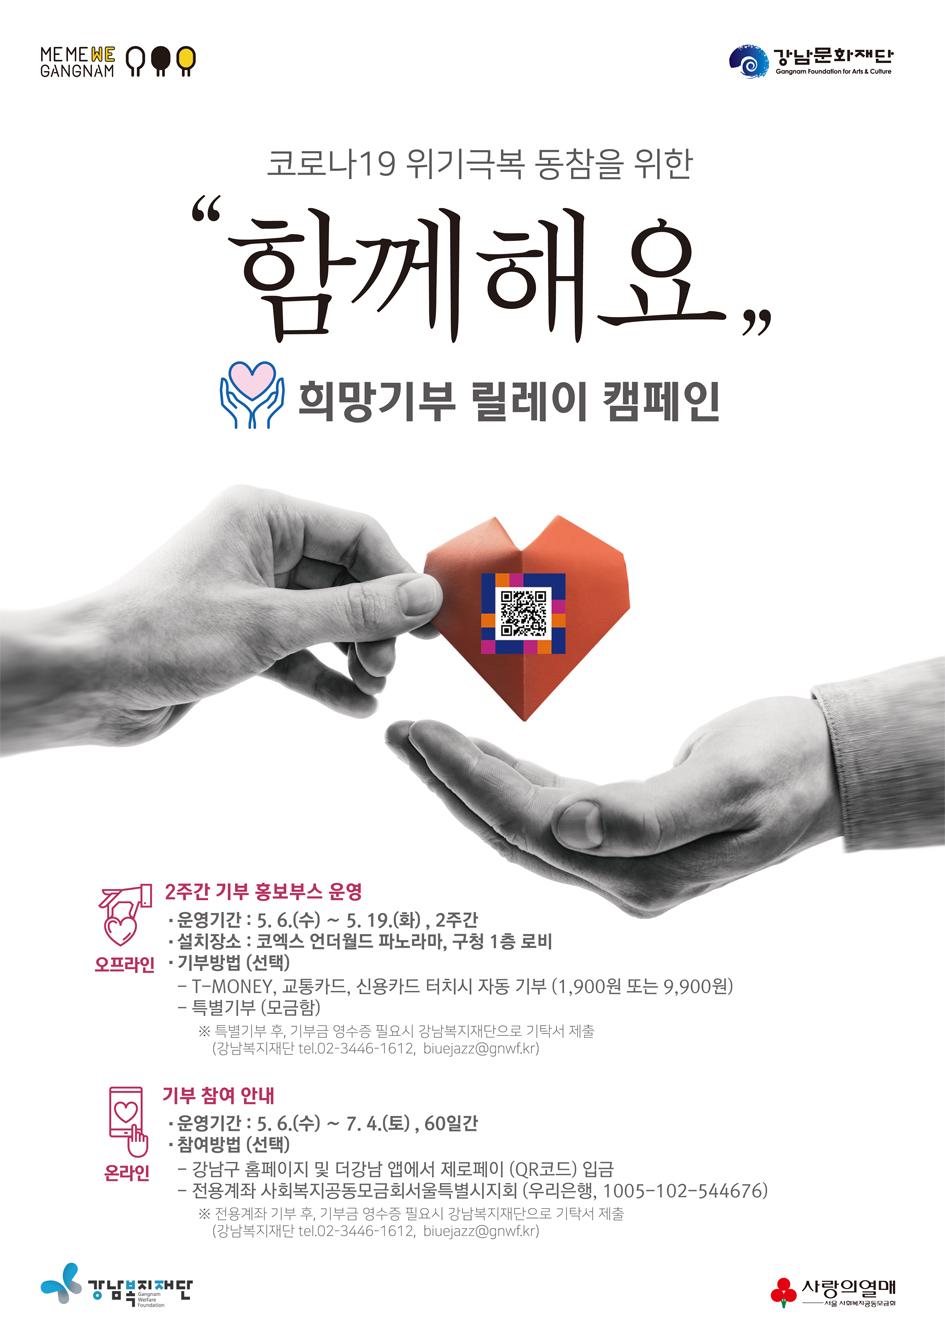 코로나19 위기극복을 위한 [함께해요] 희망기부 릴레인 캠페인 진행